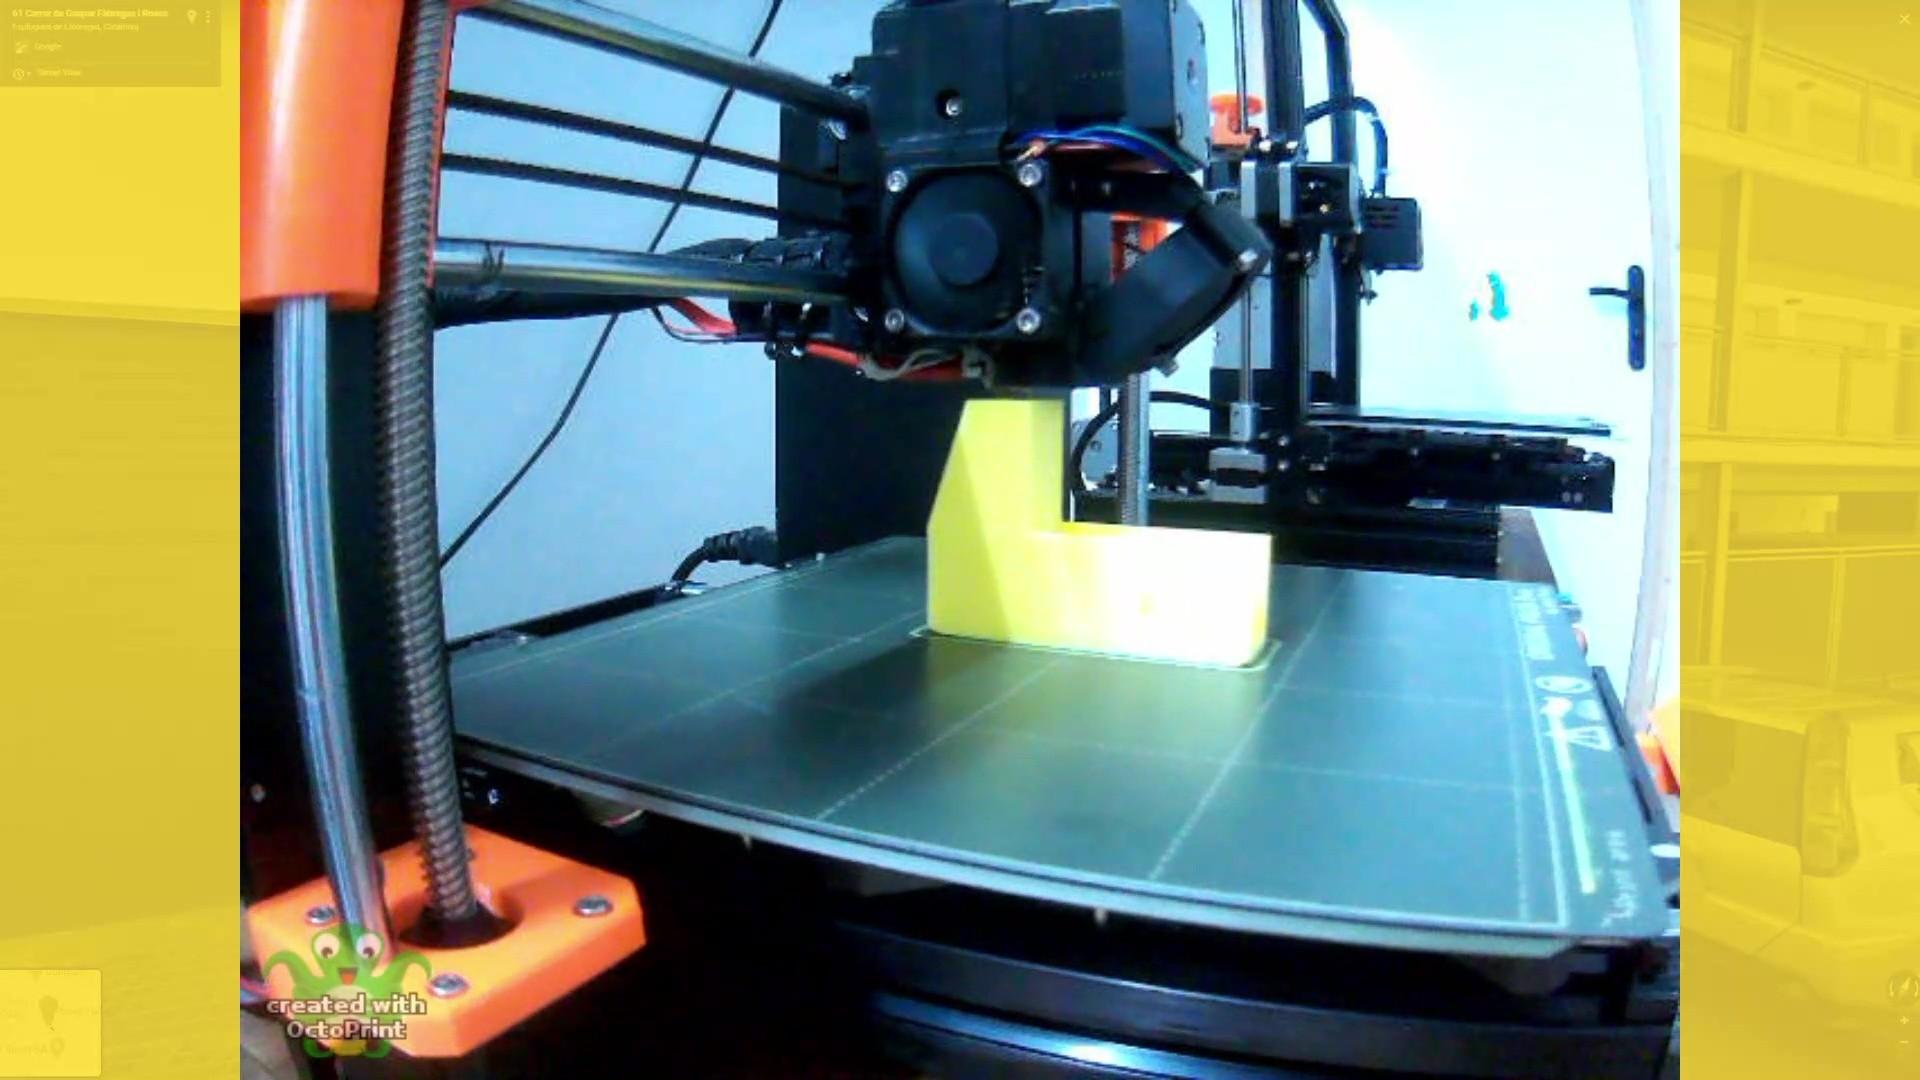 Impresión 3D de piezas para maquina retractiladora